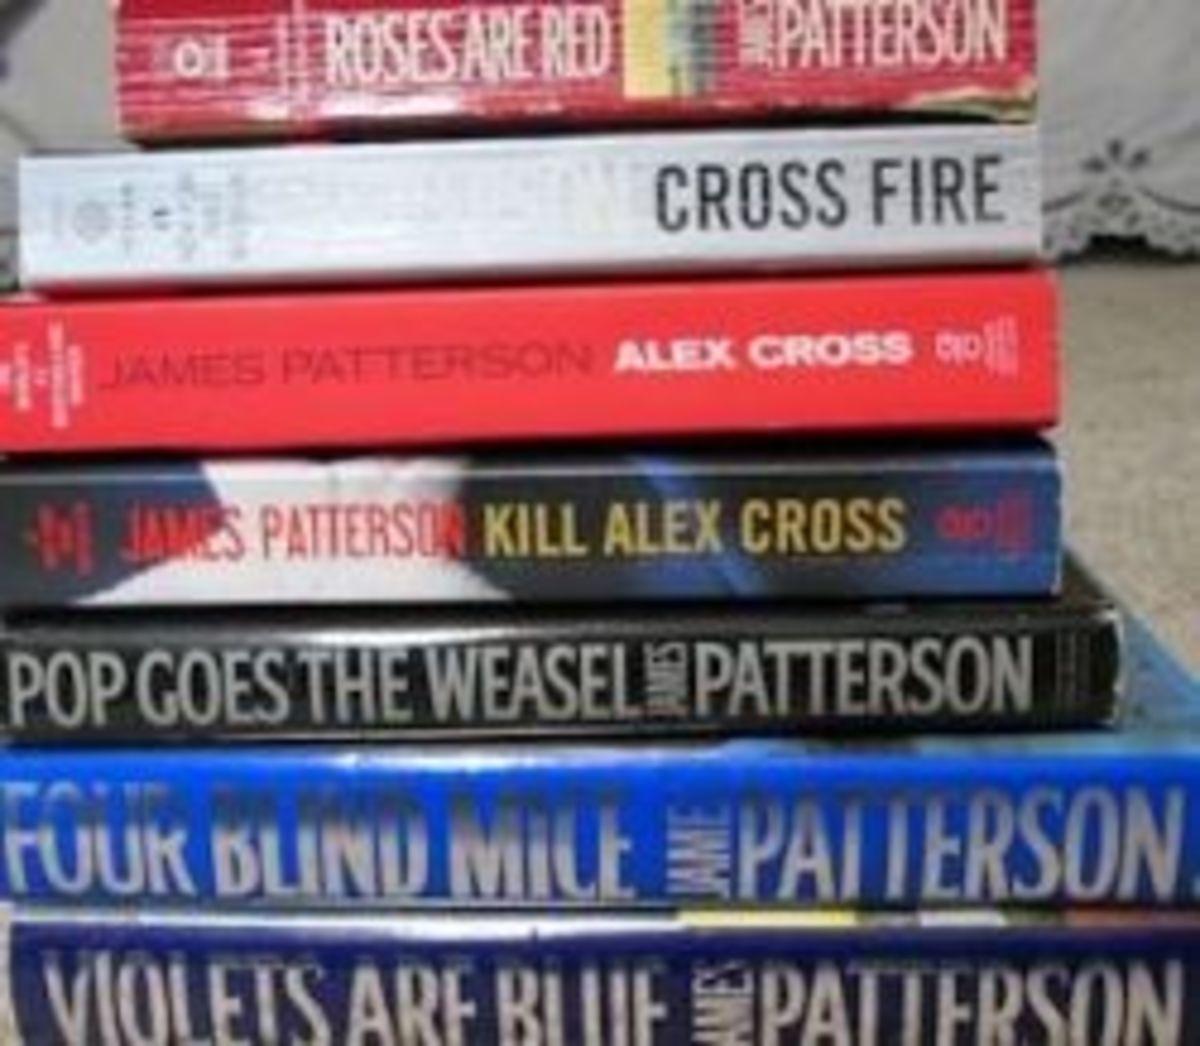 James Patterson Books List - Alex Cross